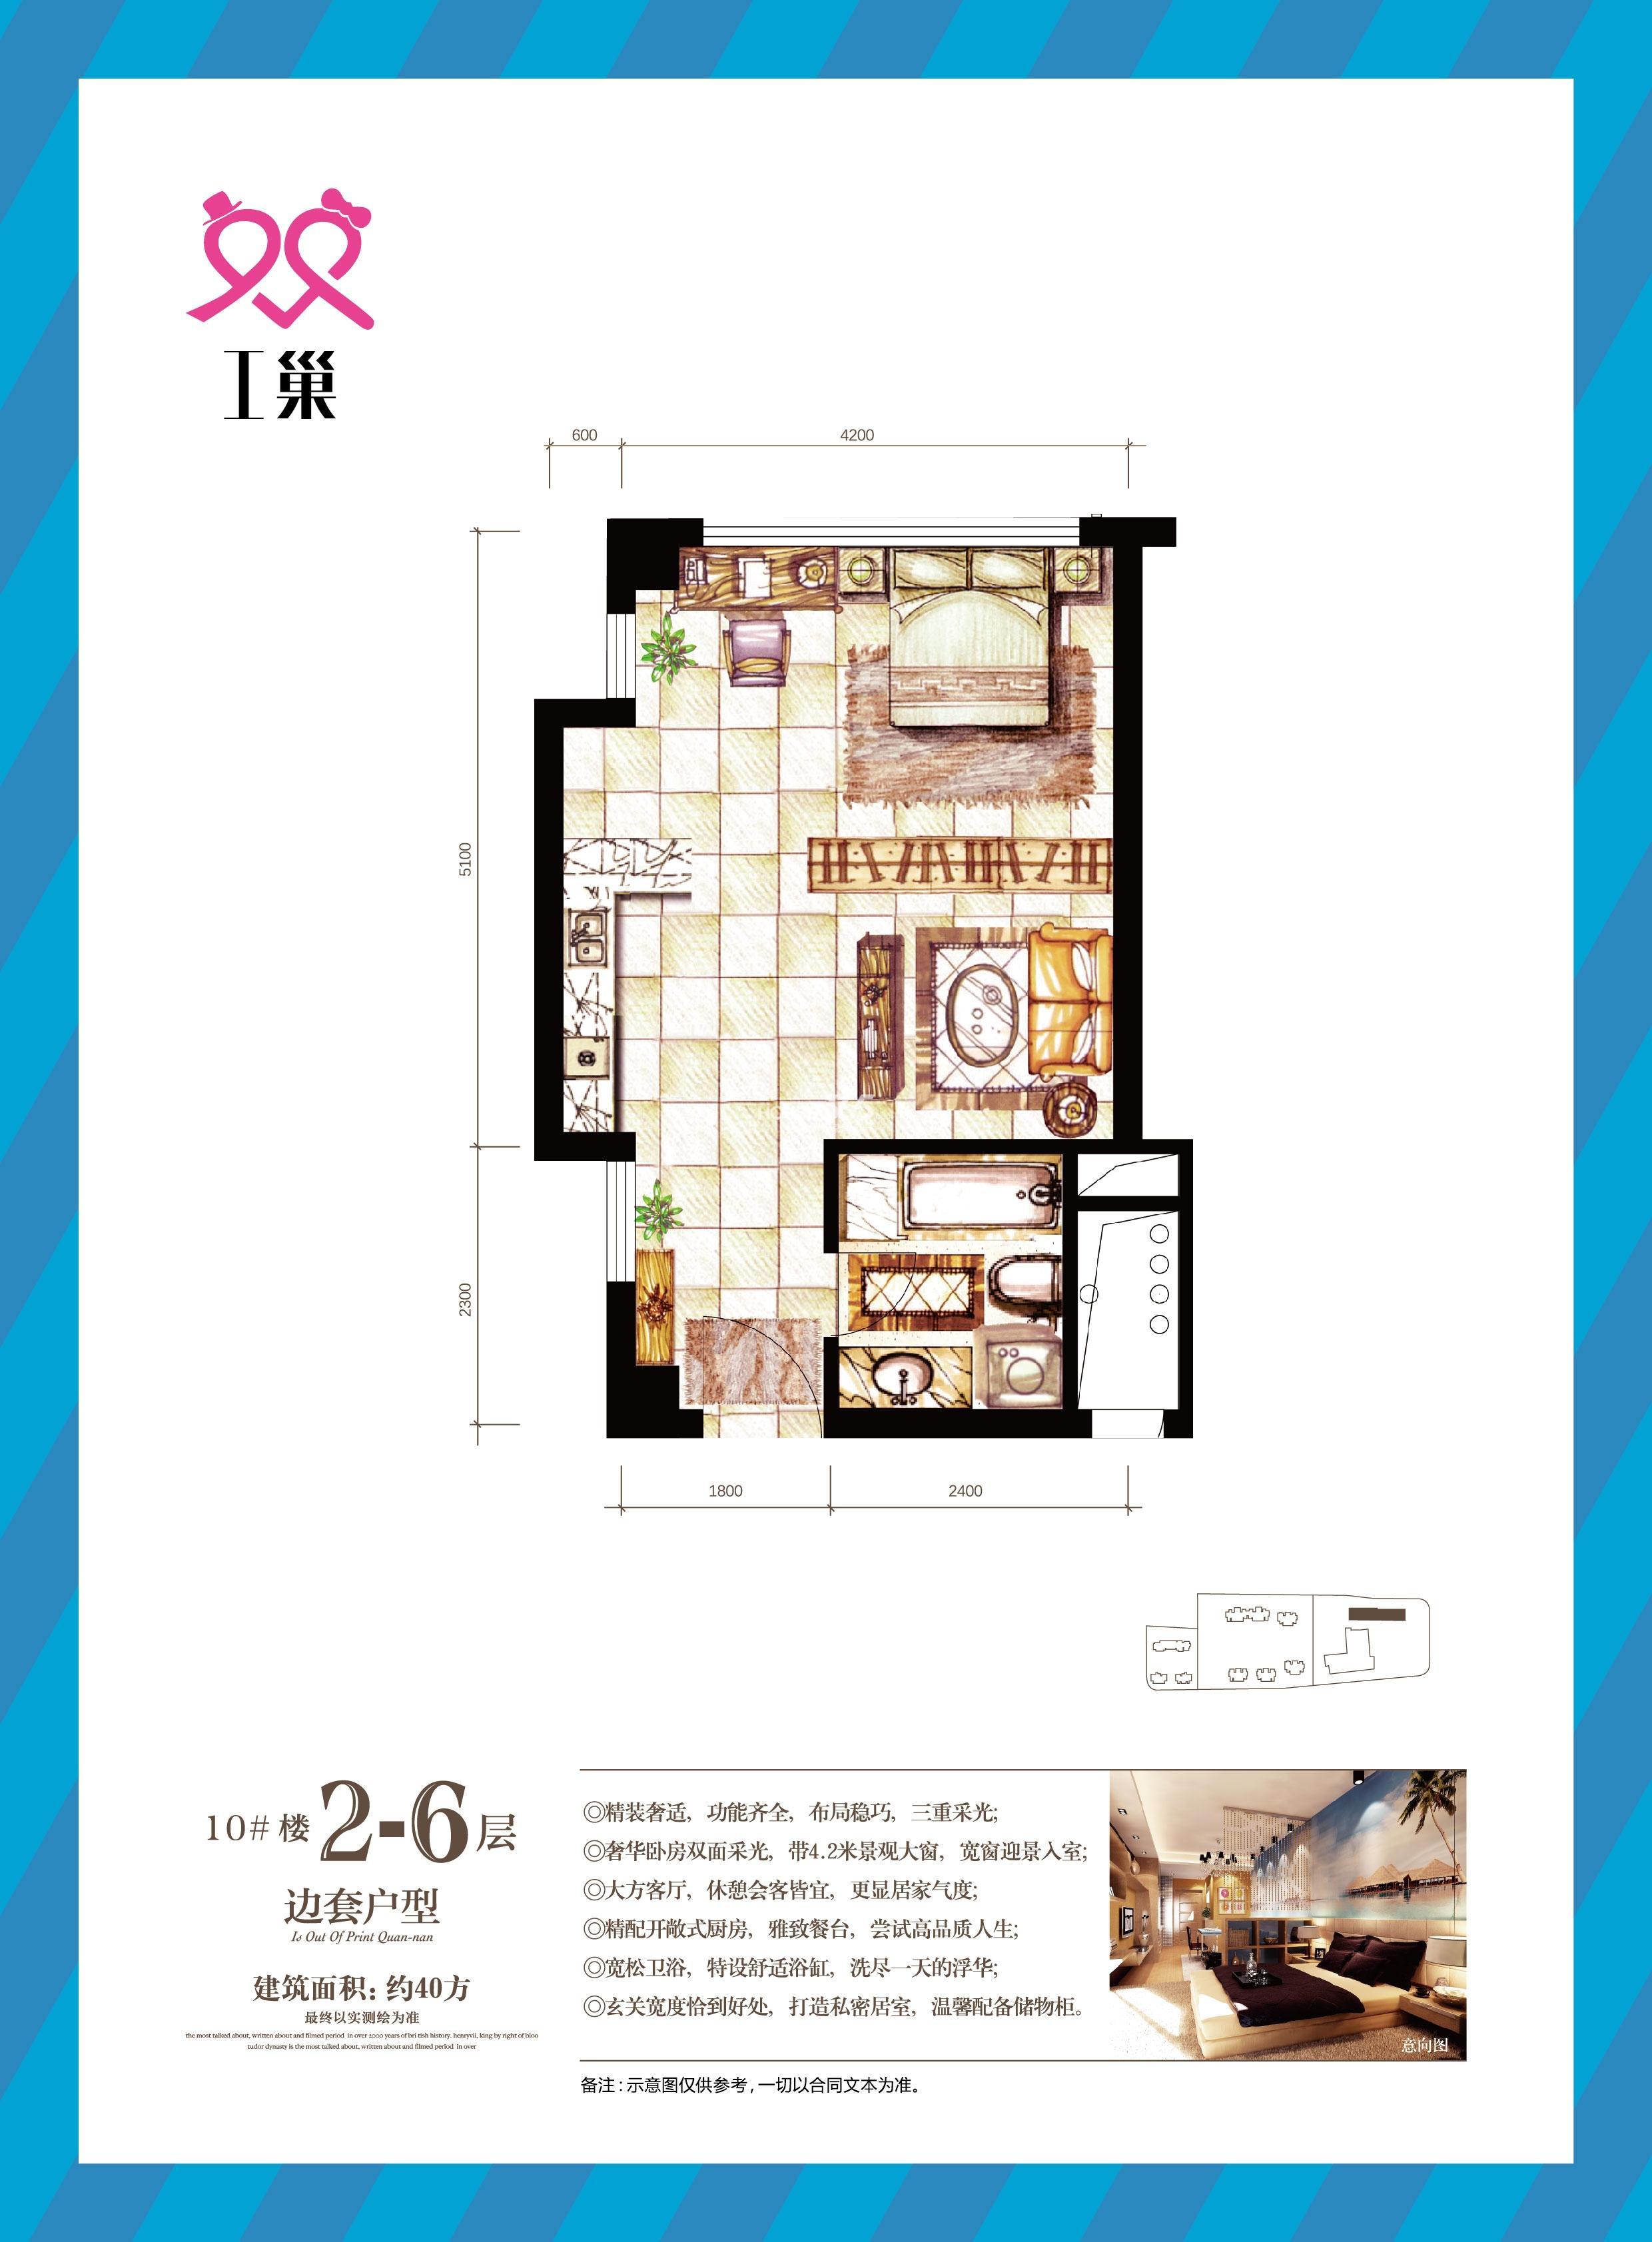 6I2J5oS5pelYg==_中粮方圆府项目酒店式公寓i巢10号楼2-6层边套户型 约40㎡